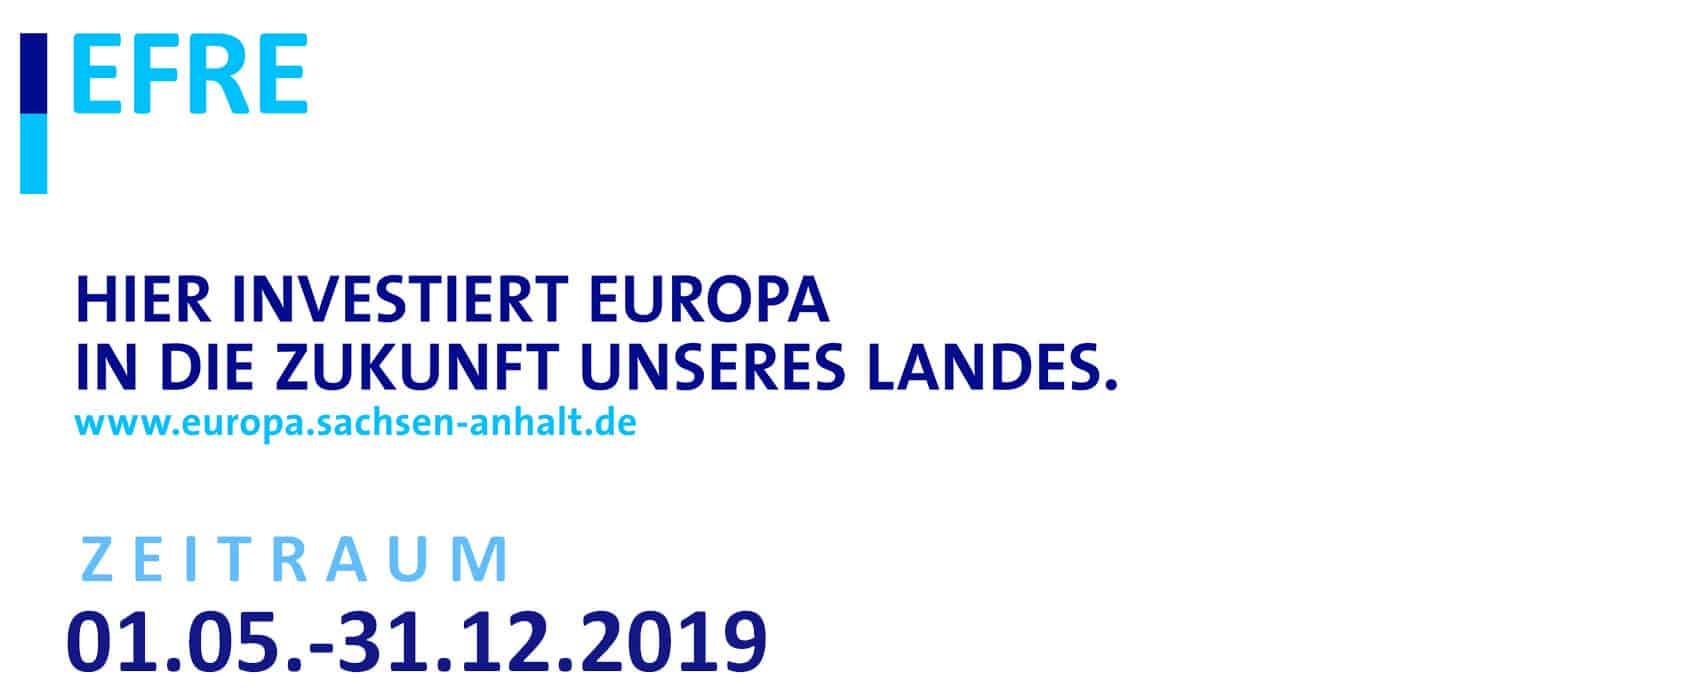 ESIF_hier.investiert.europa.in.d.zukunft_rgb